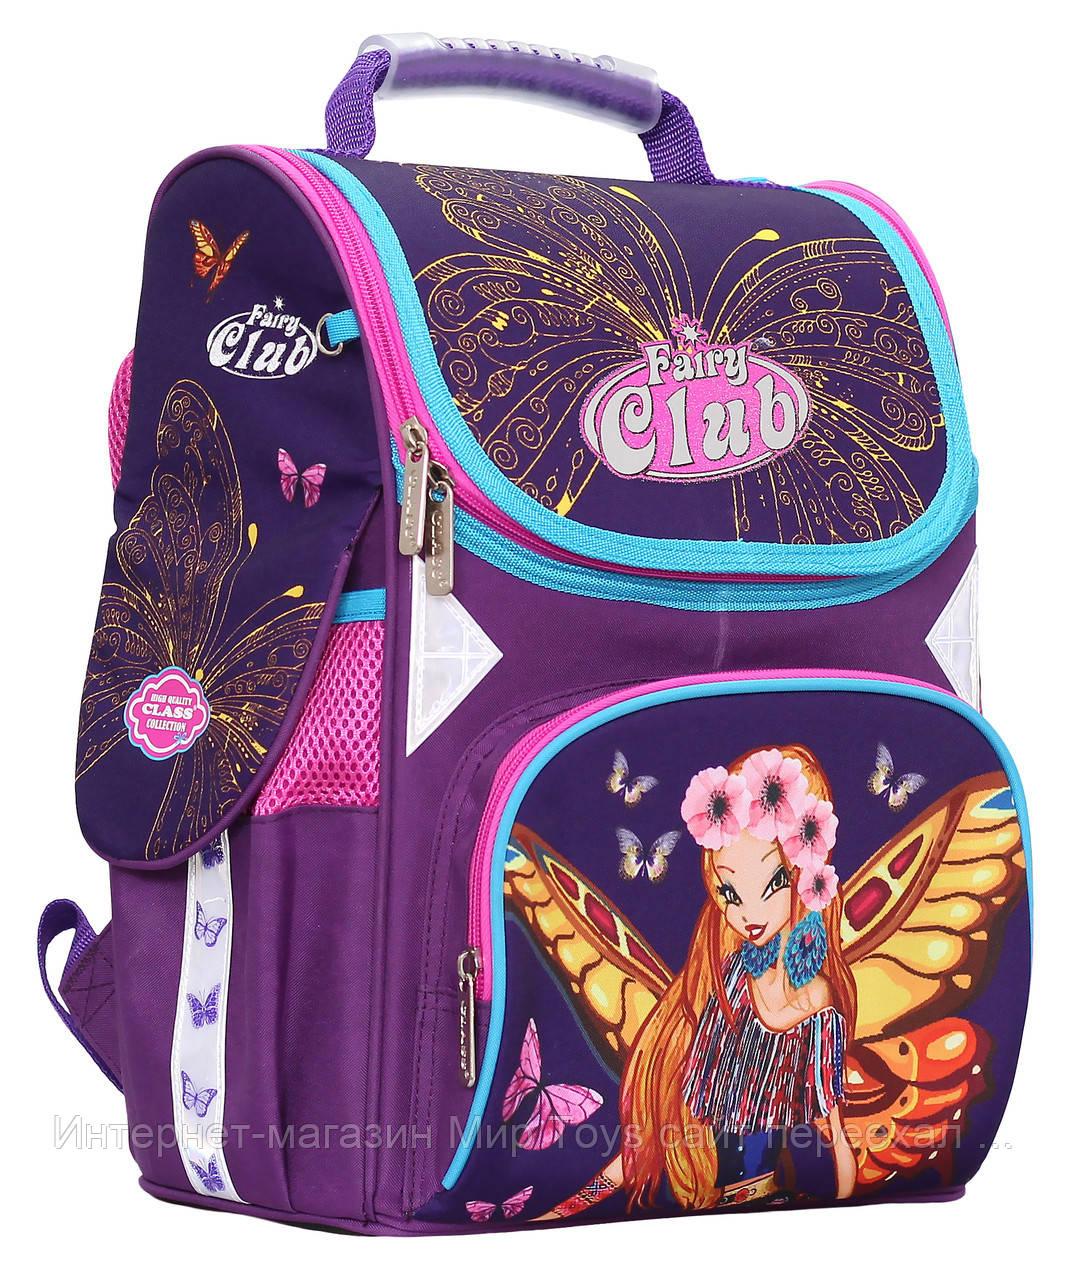 05177b86ddb1 Ранец рюкзак школьный каркасный для девочки Fairy Glam CLASS арт. 9802